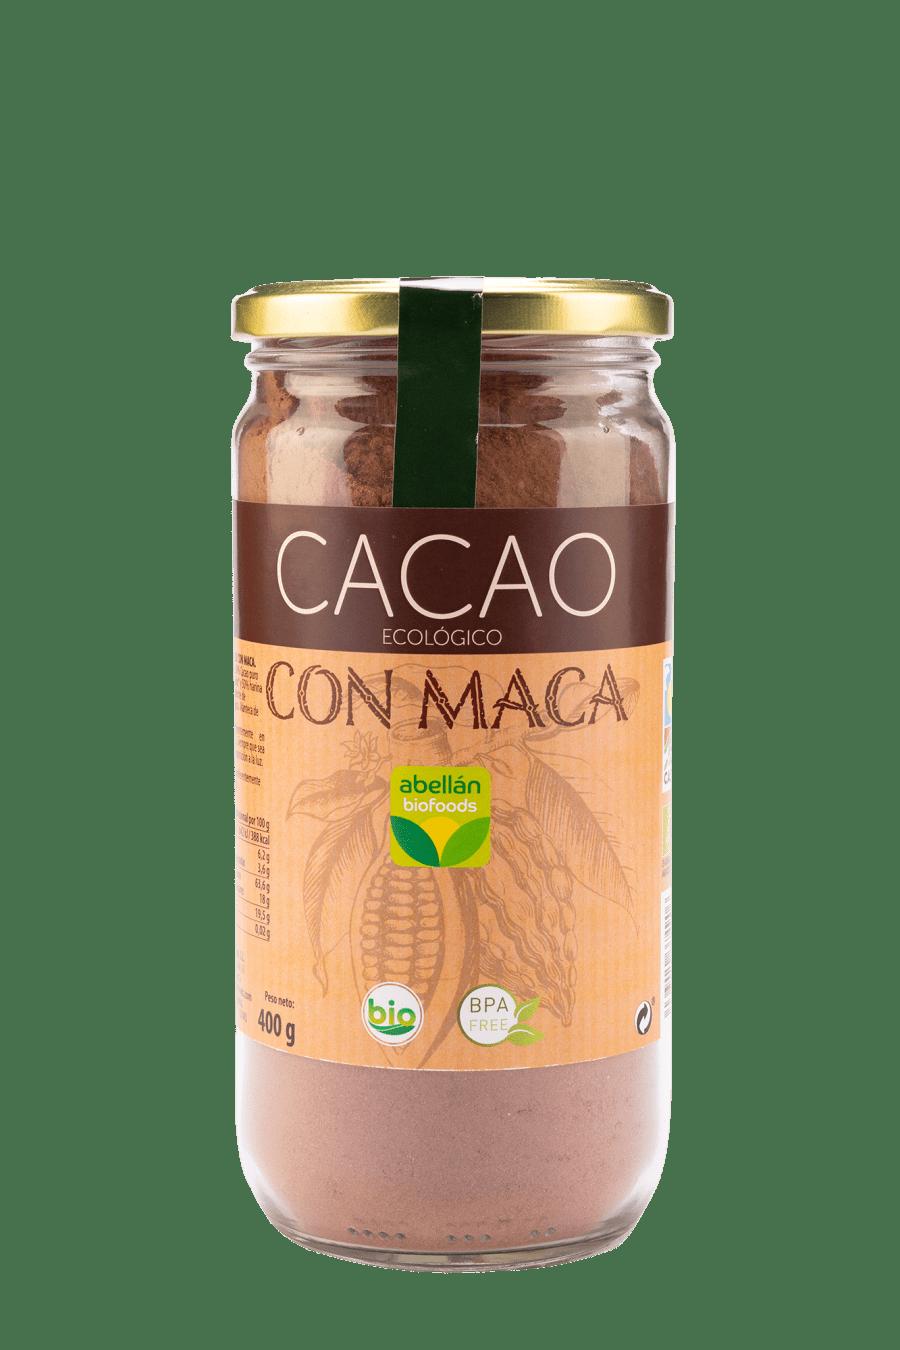 Cacao con maca